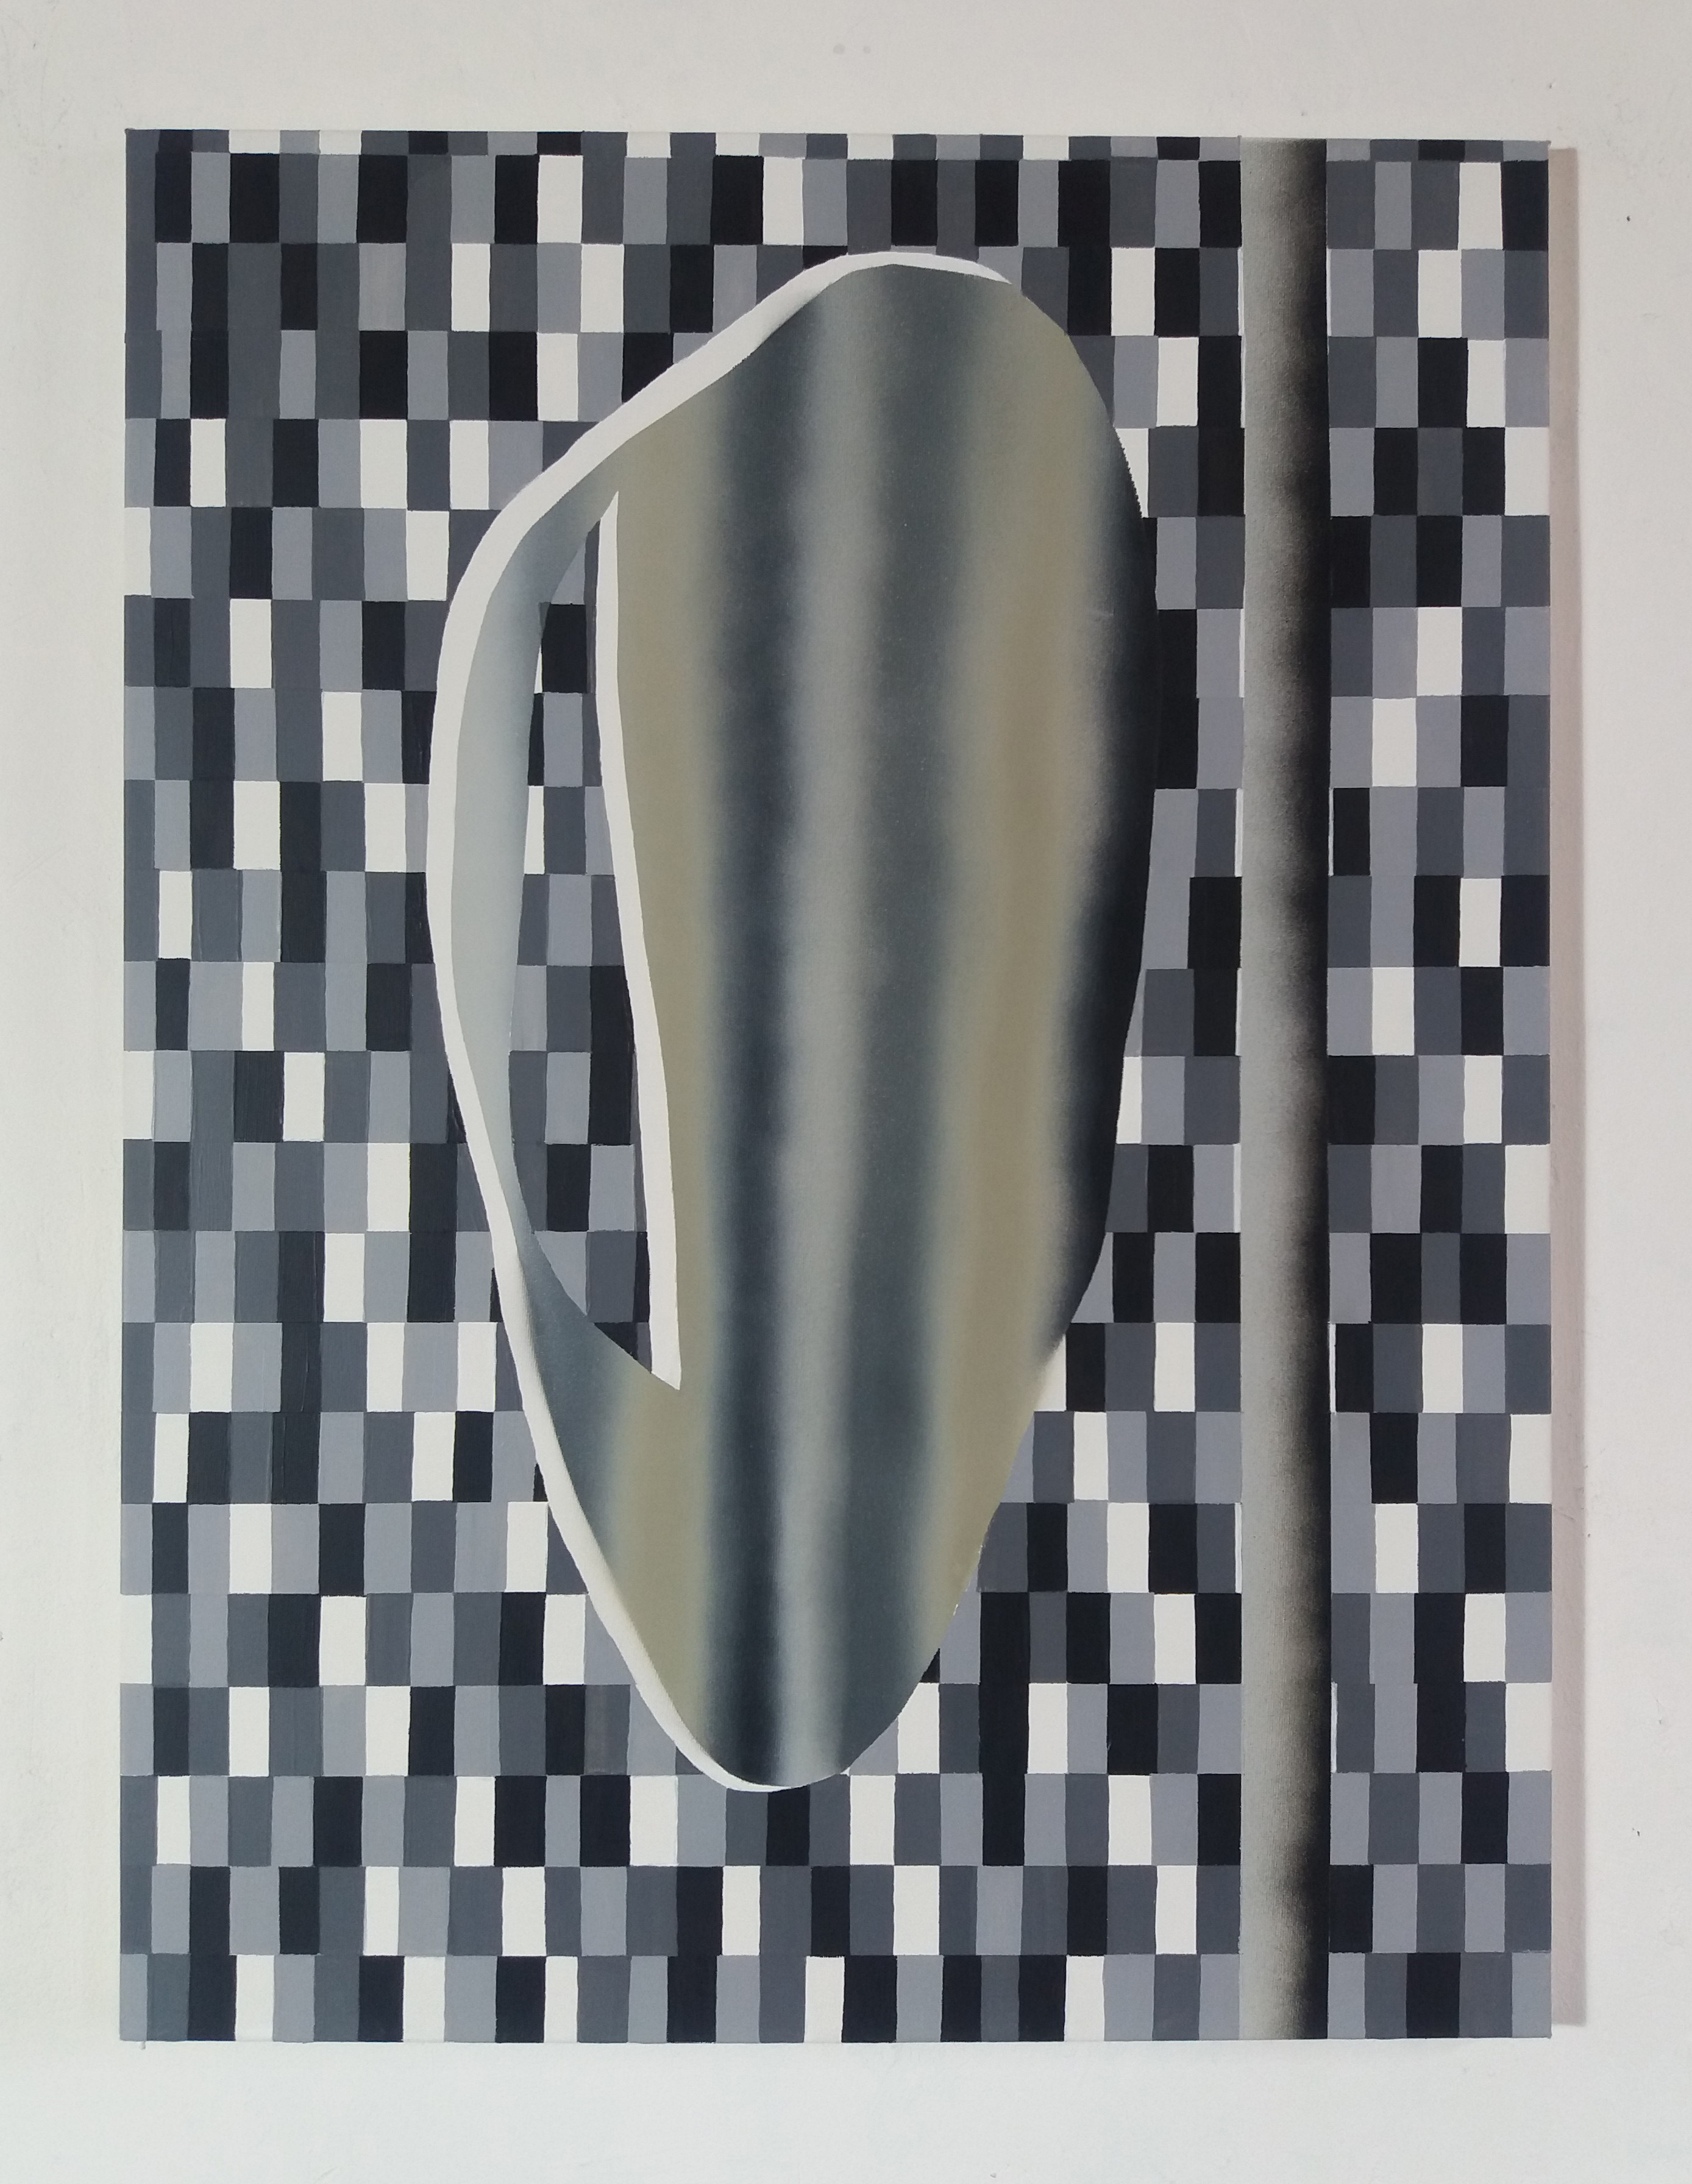 Fókusztalan III. 2017 akril vászon, 80 x 60 cm_crop